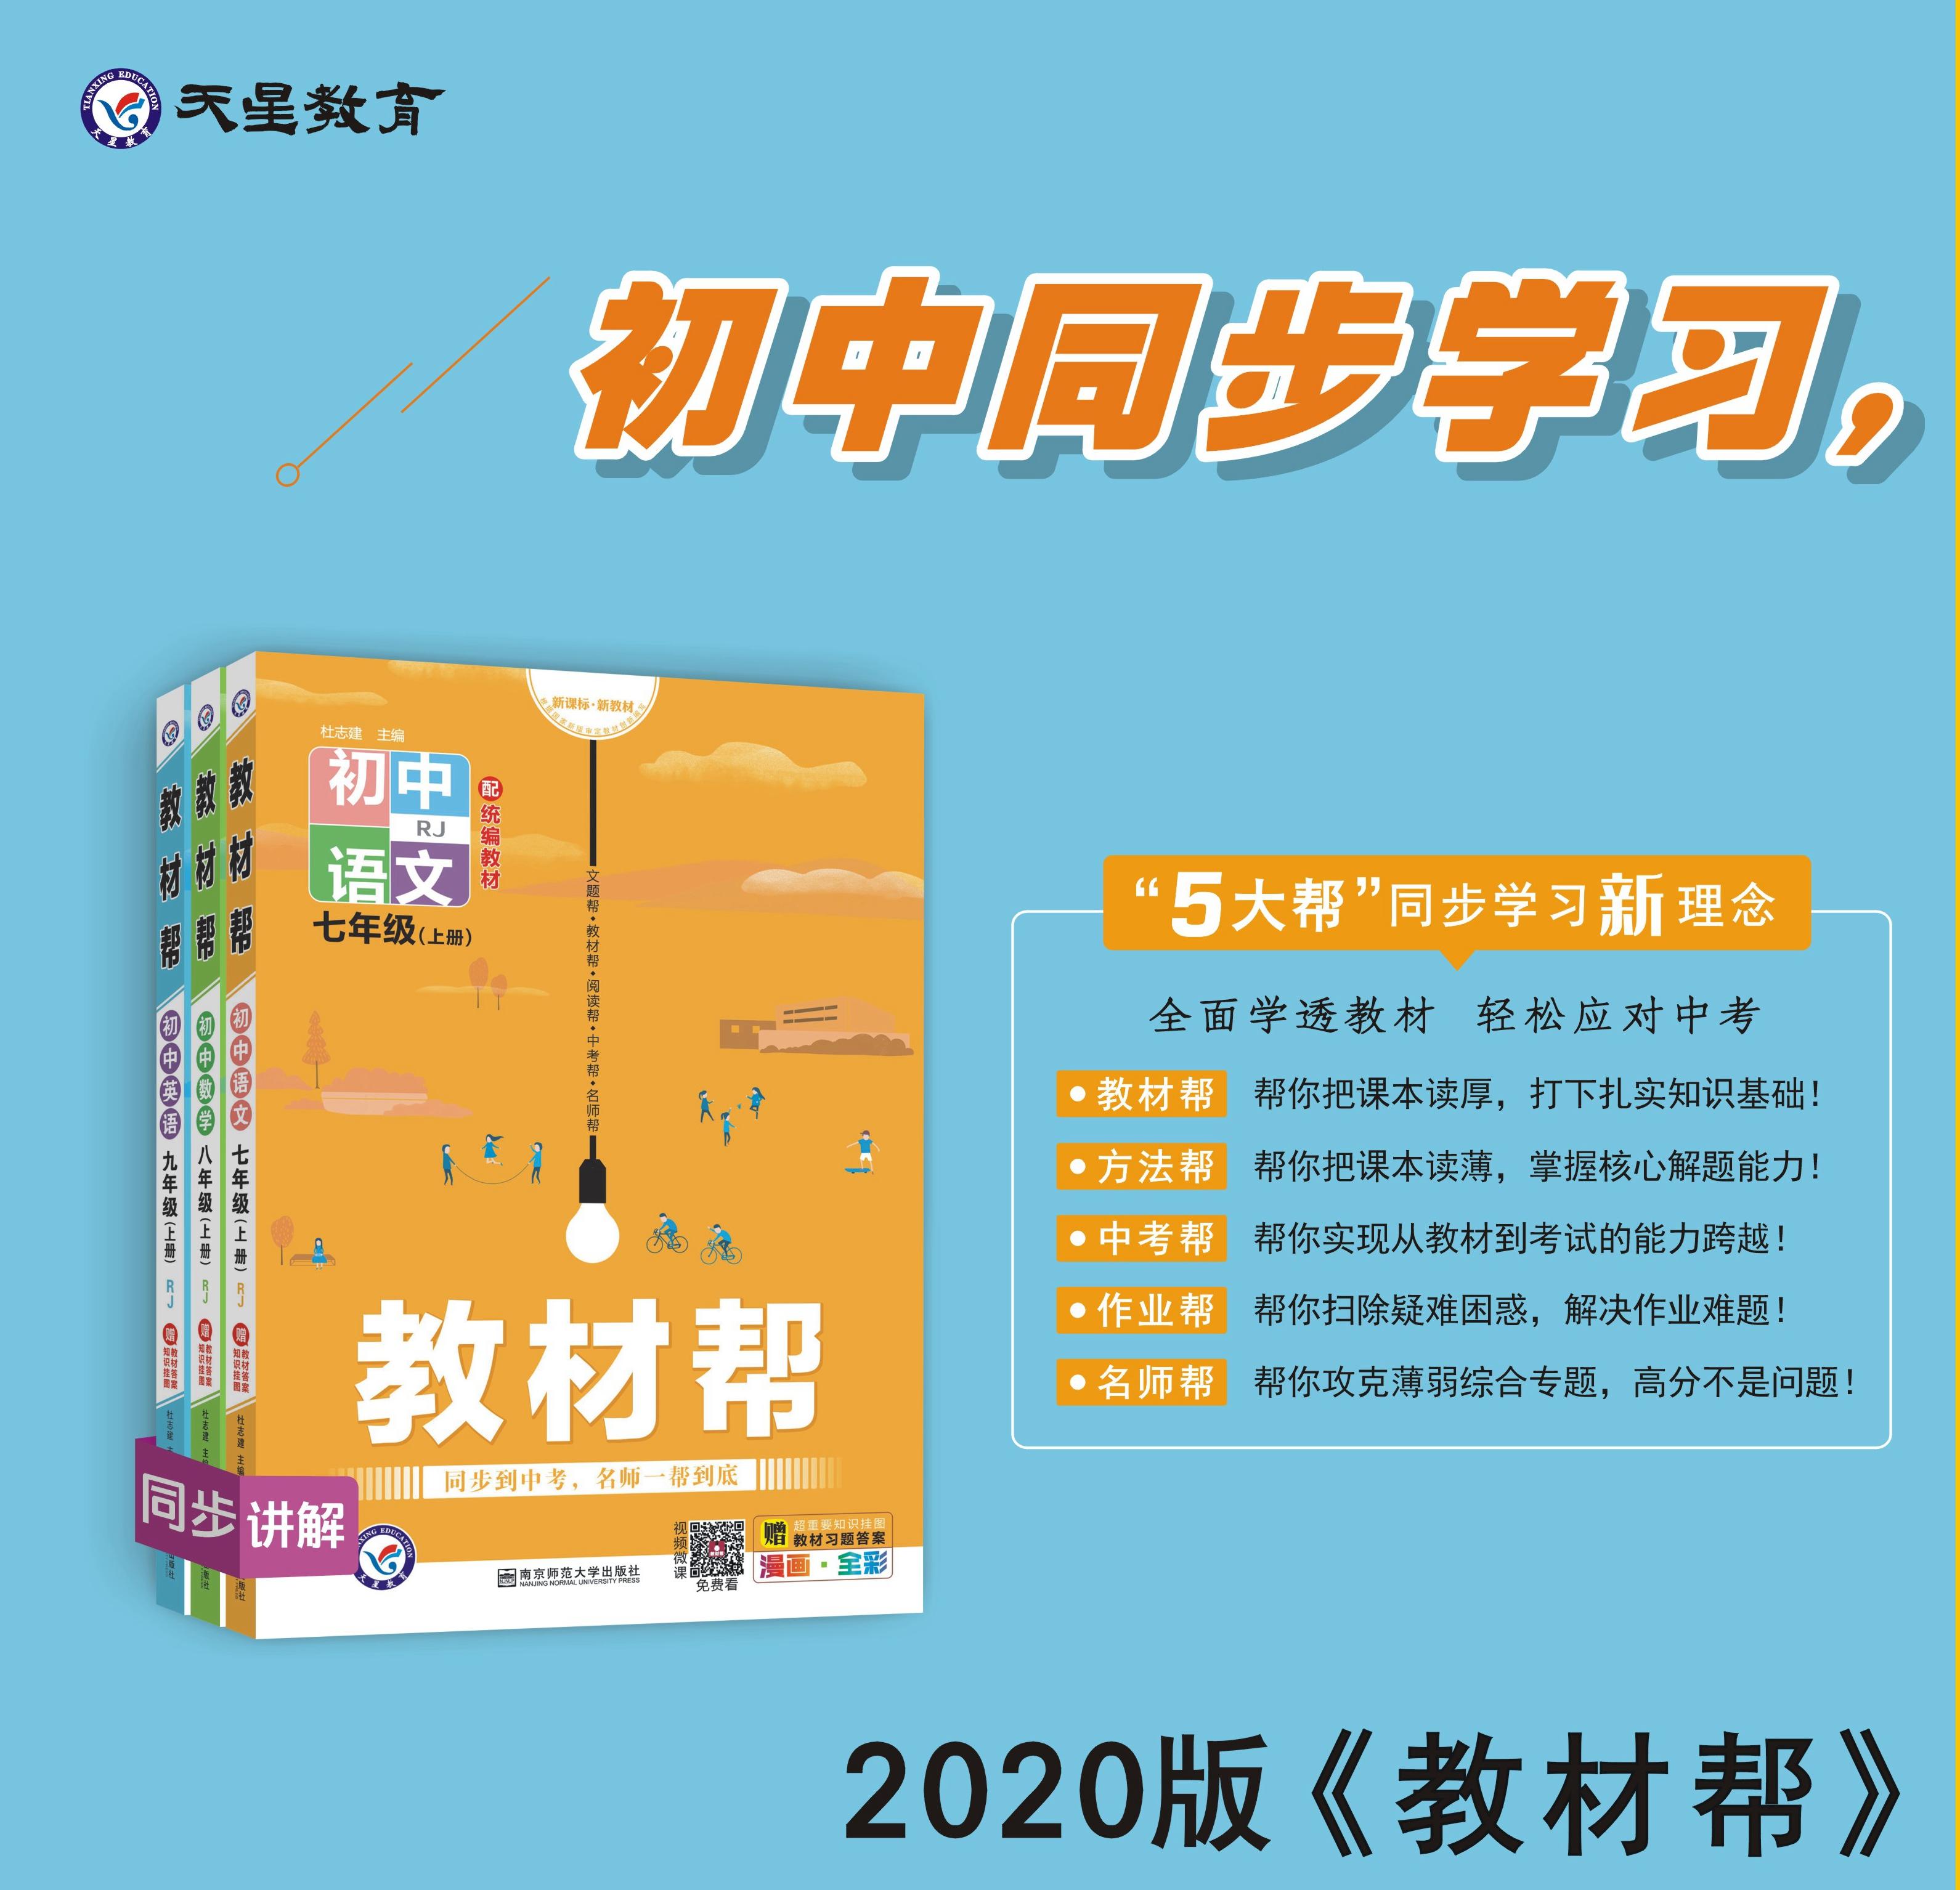 教材帮_【福利抢楼】新初二教材帮辅导书免费领,语数英科目都